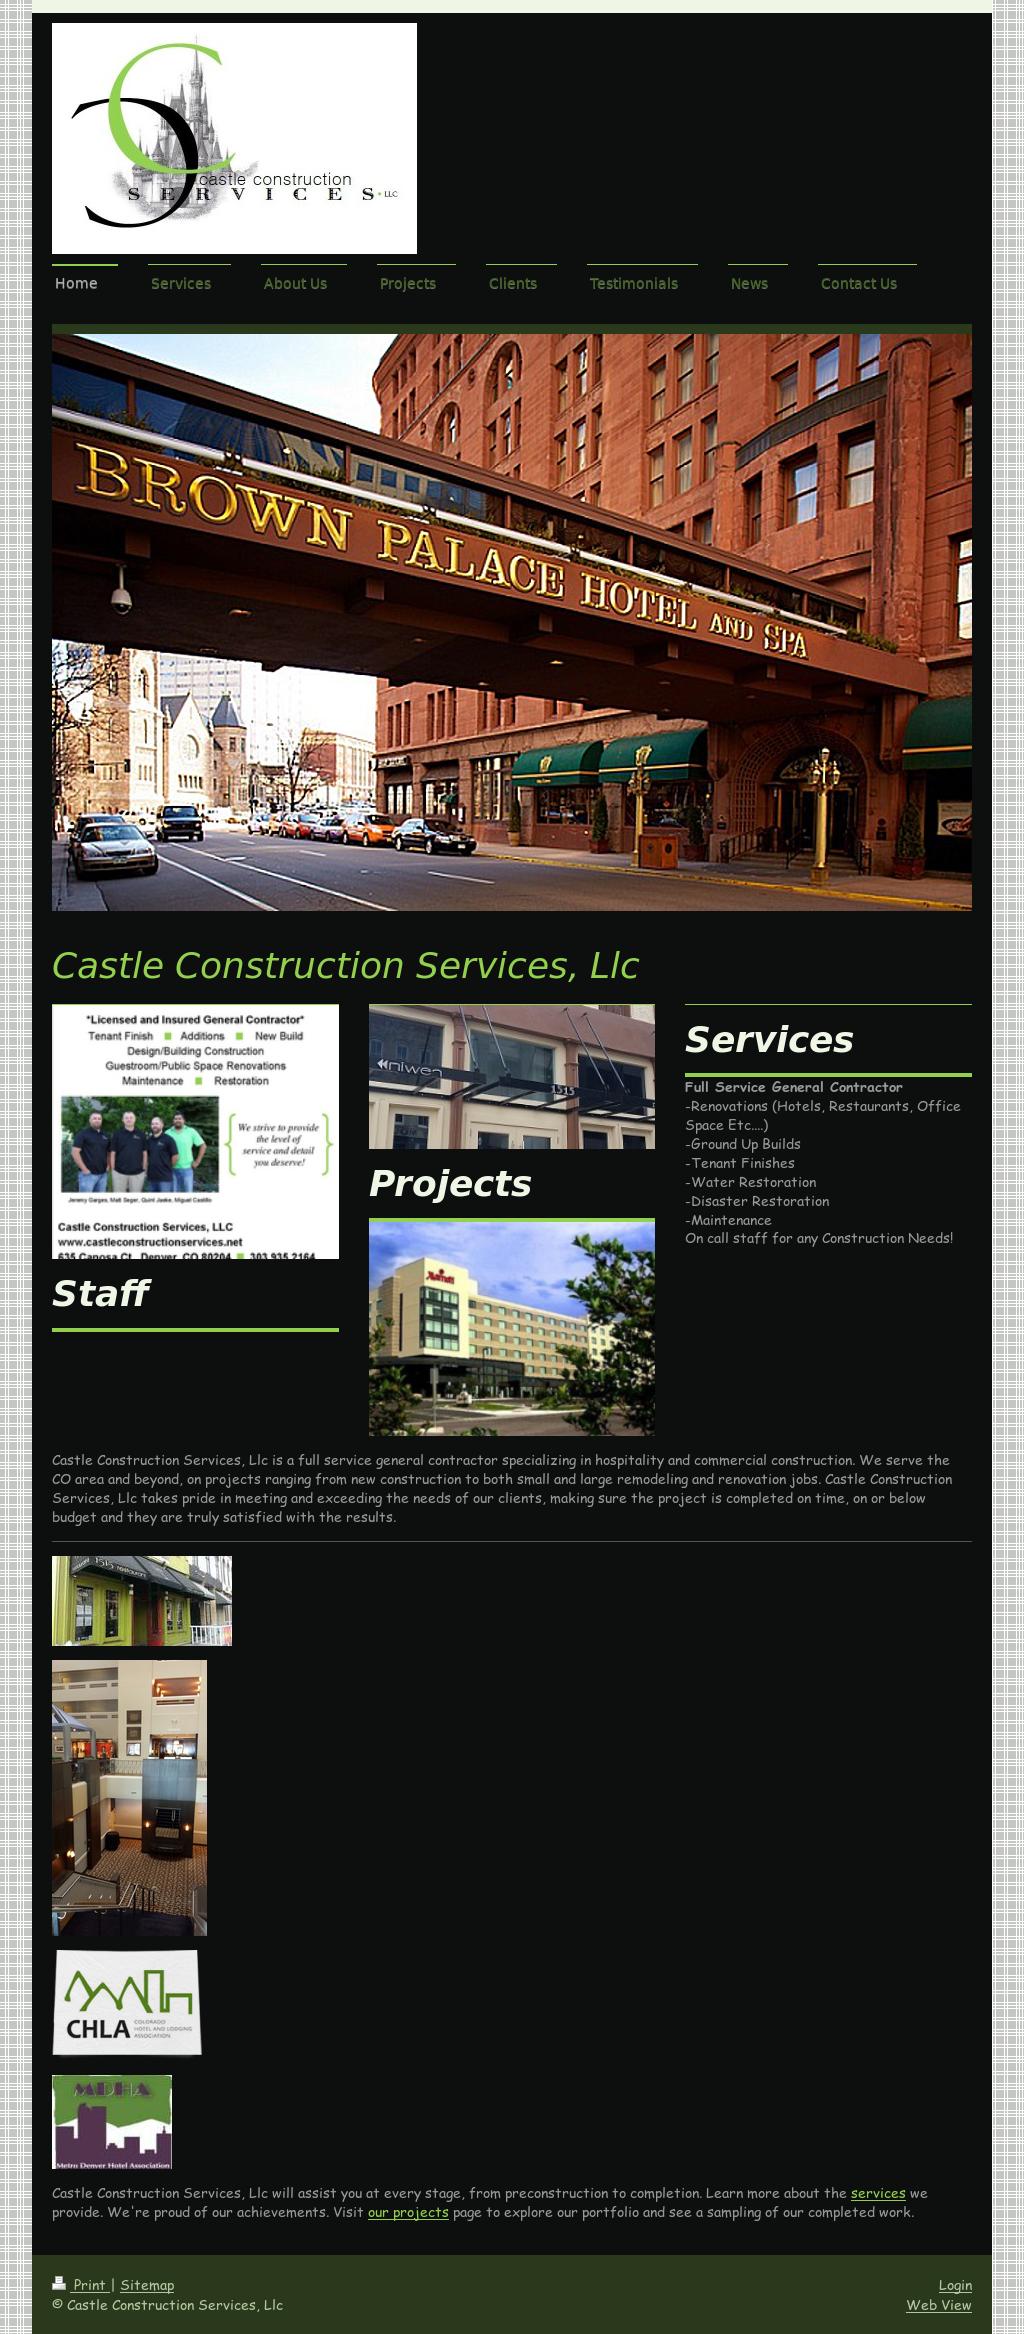 Castle Construction Services Competitors, Revenue and